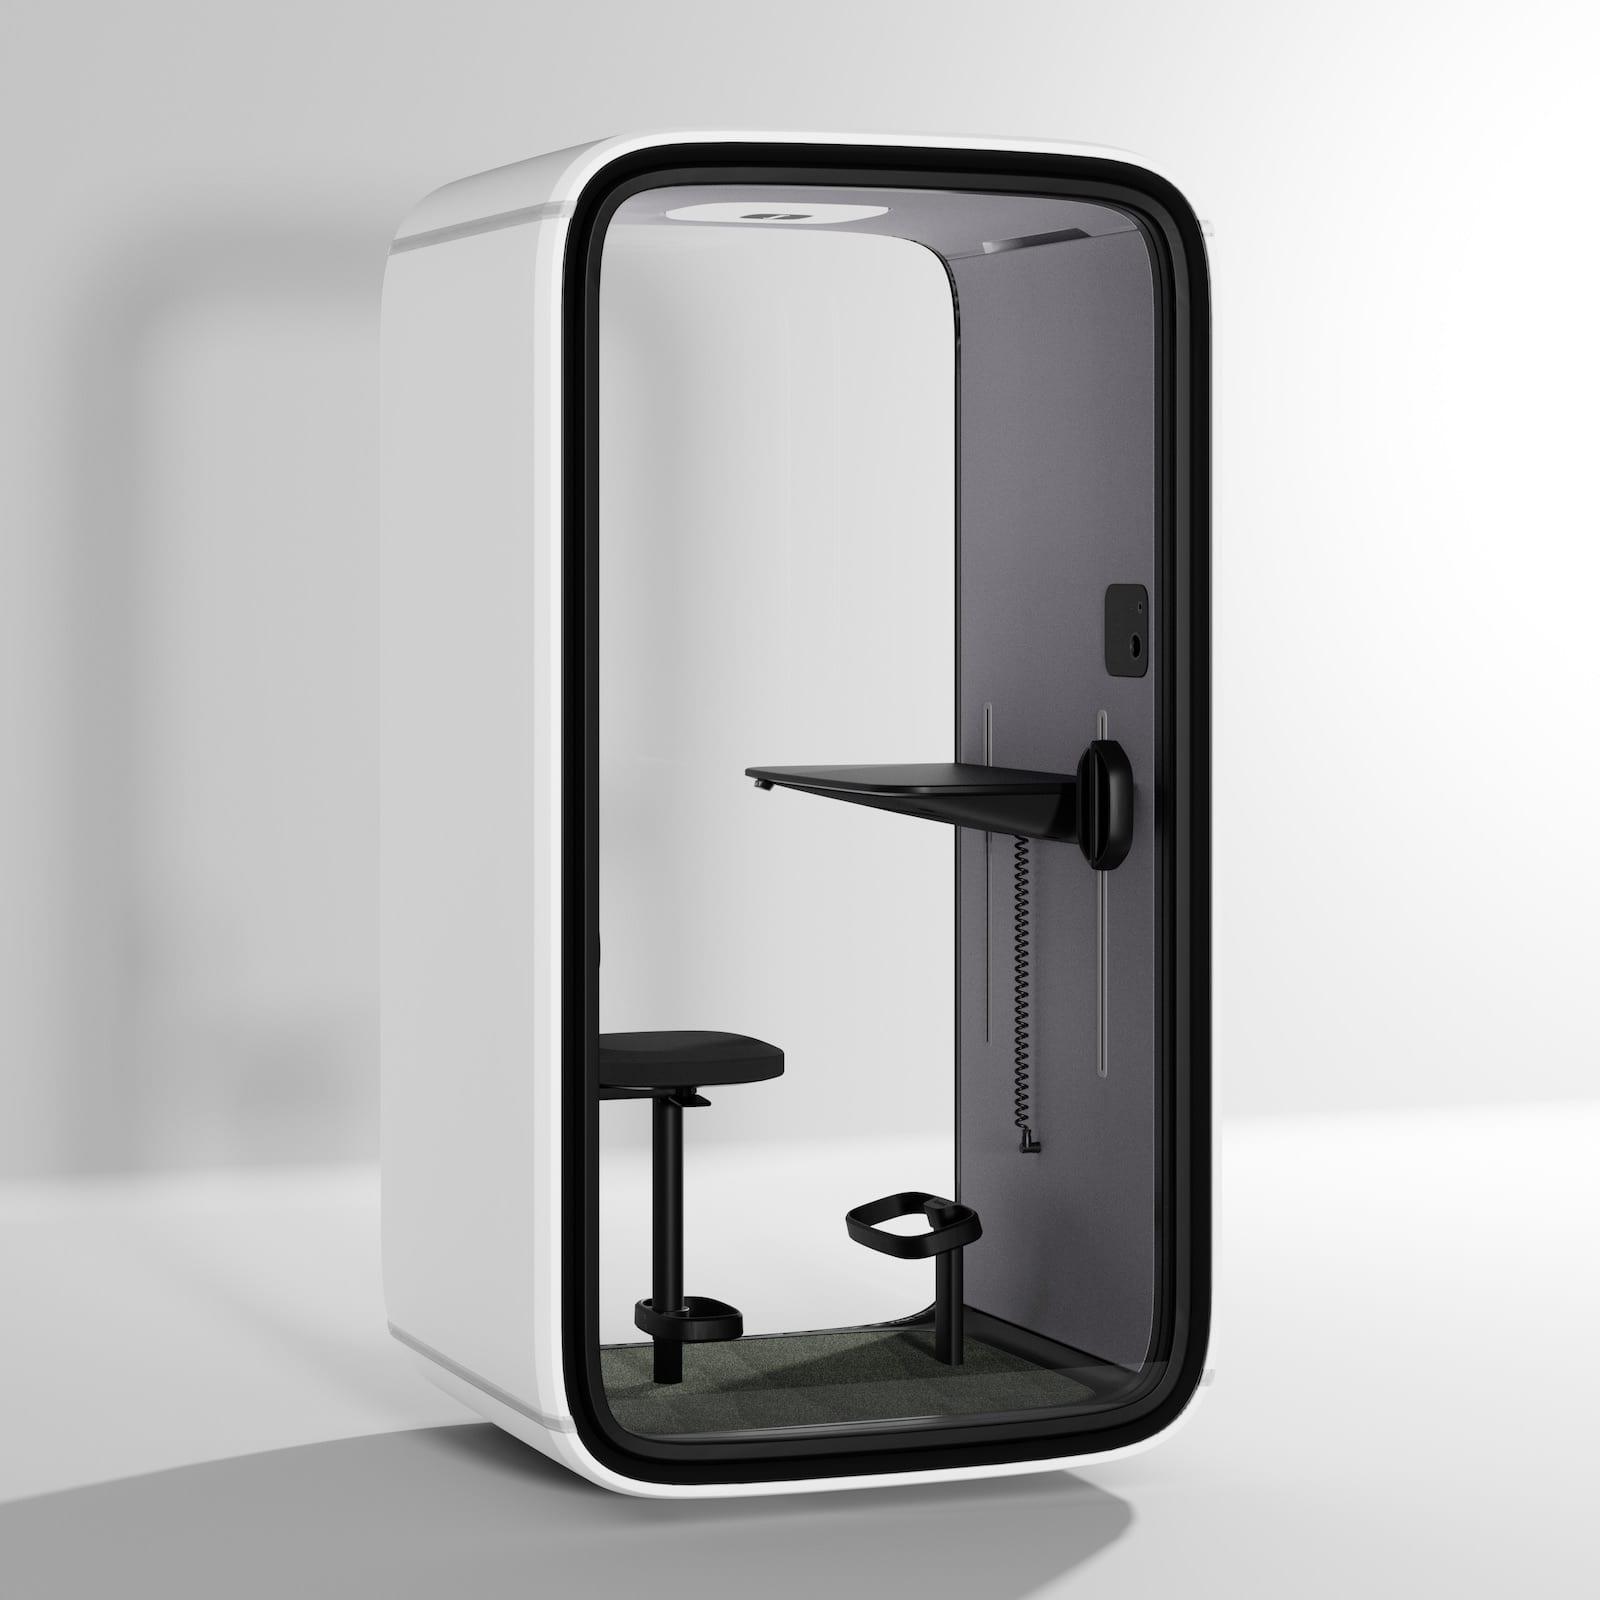 Über einen Touchscreen werden Reservierungen, die Luftzirkulation und die Beleuchtung der Telefonbox gesteuert. (Foto: Framery)